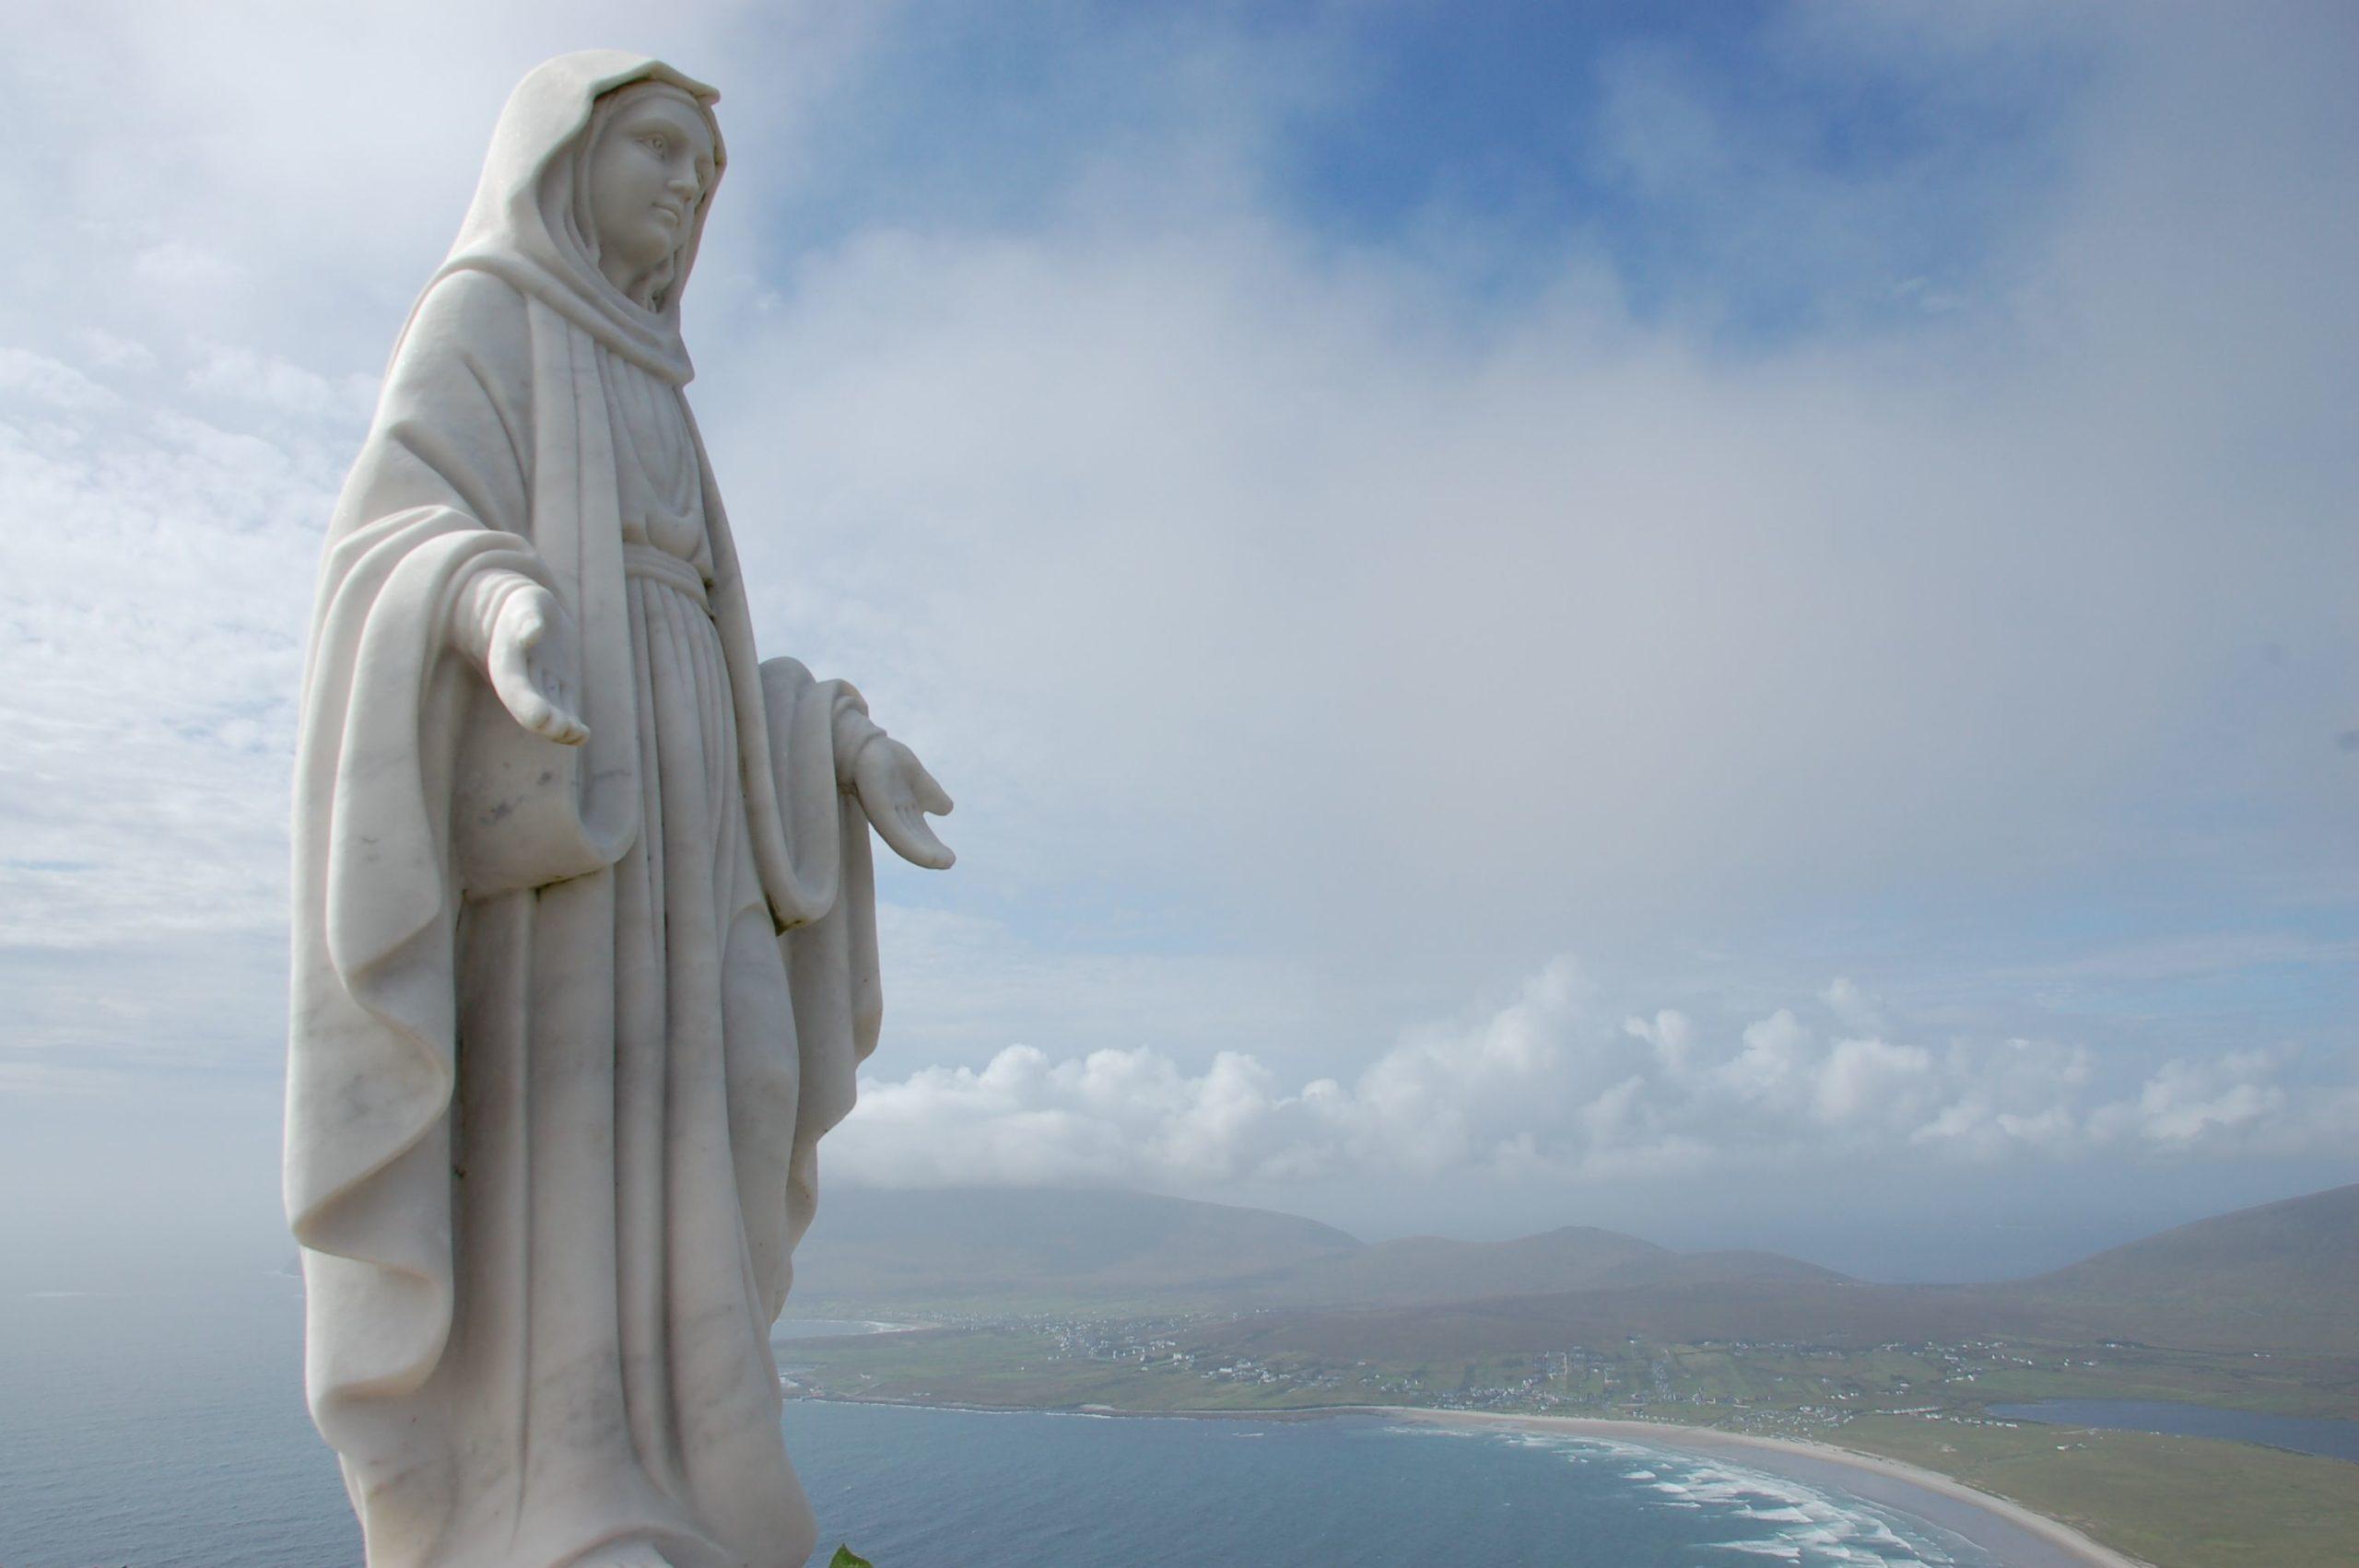 Eine Madonna auf einem Berg auf der irischen Insel Achill Island